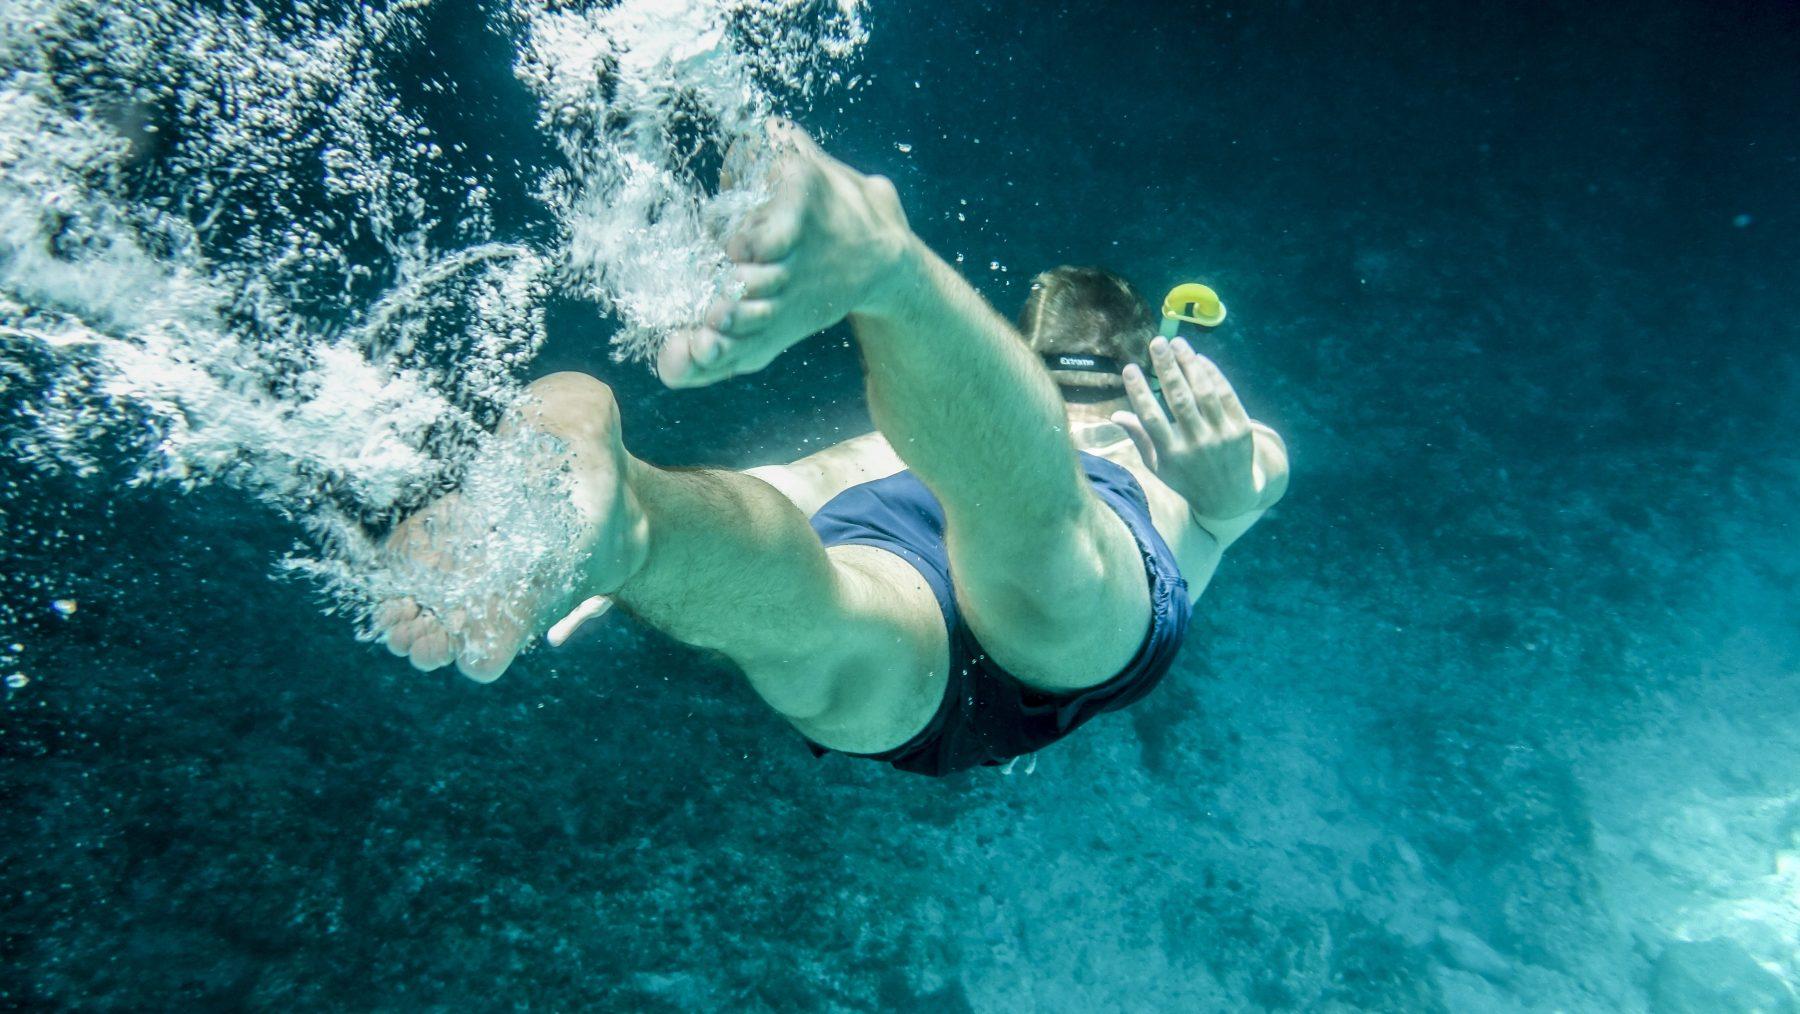 huwelijksaanzoek onder water